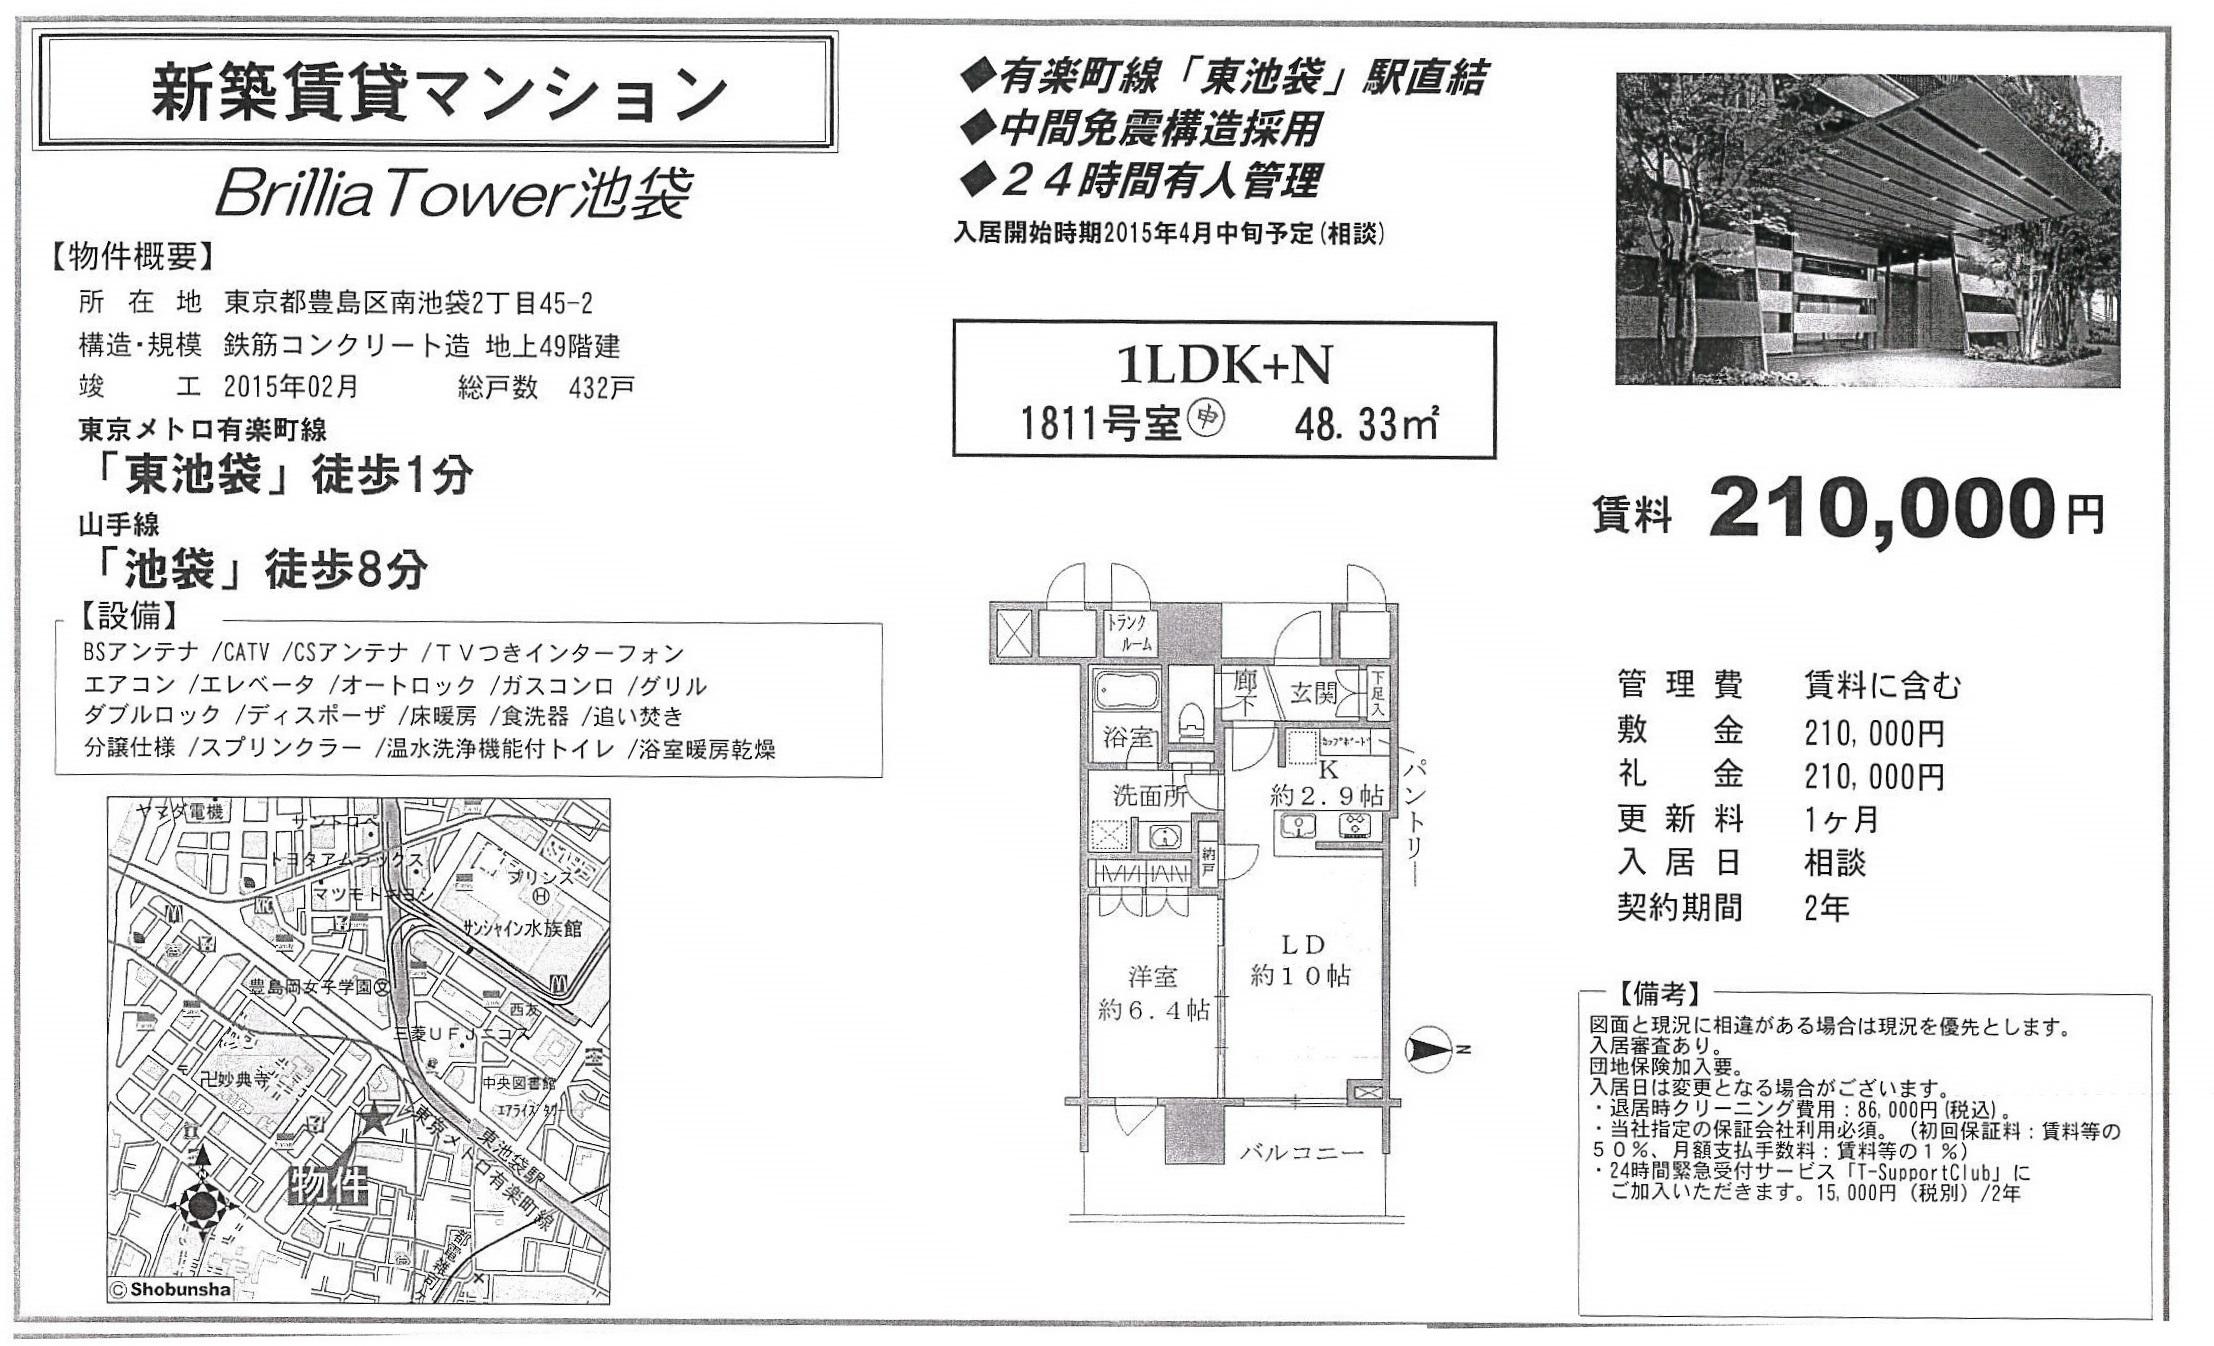 ブリリアタワー池袋図面1811号室